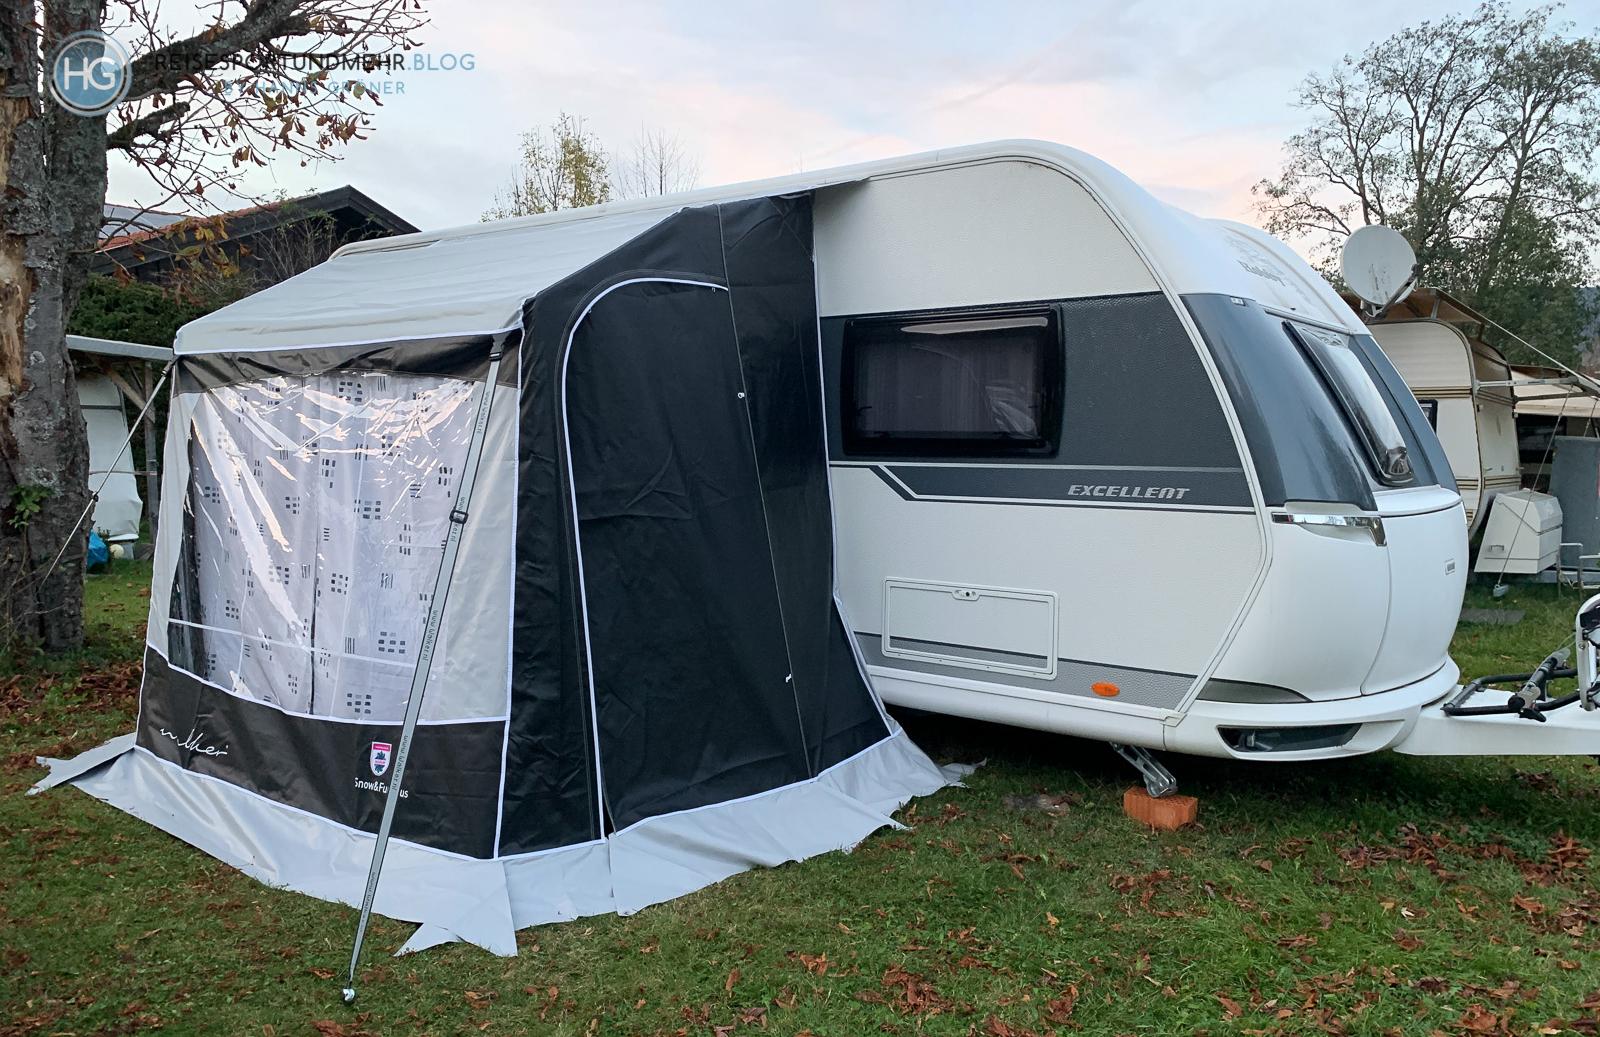 Wintercamping (Foto: Hanns Gröner, 2019)